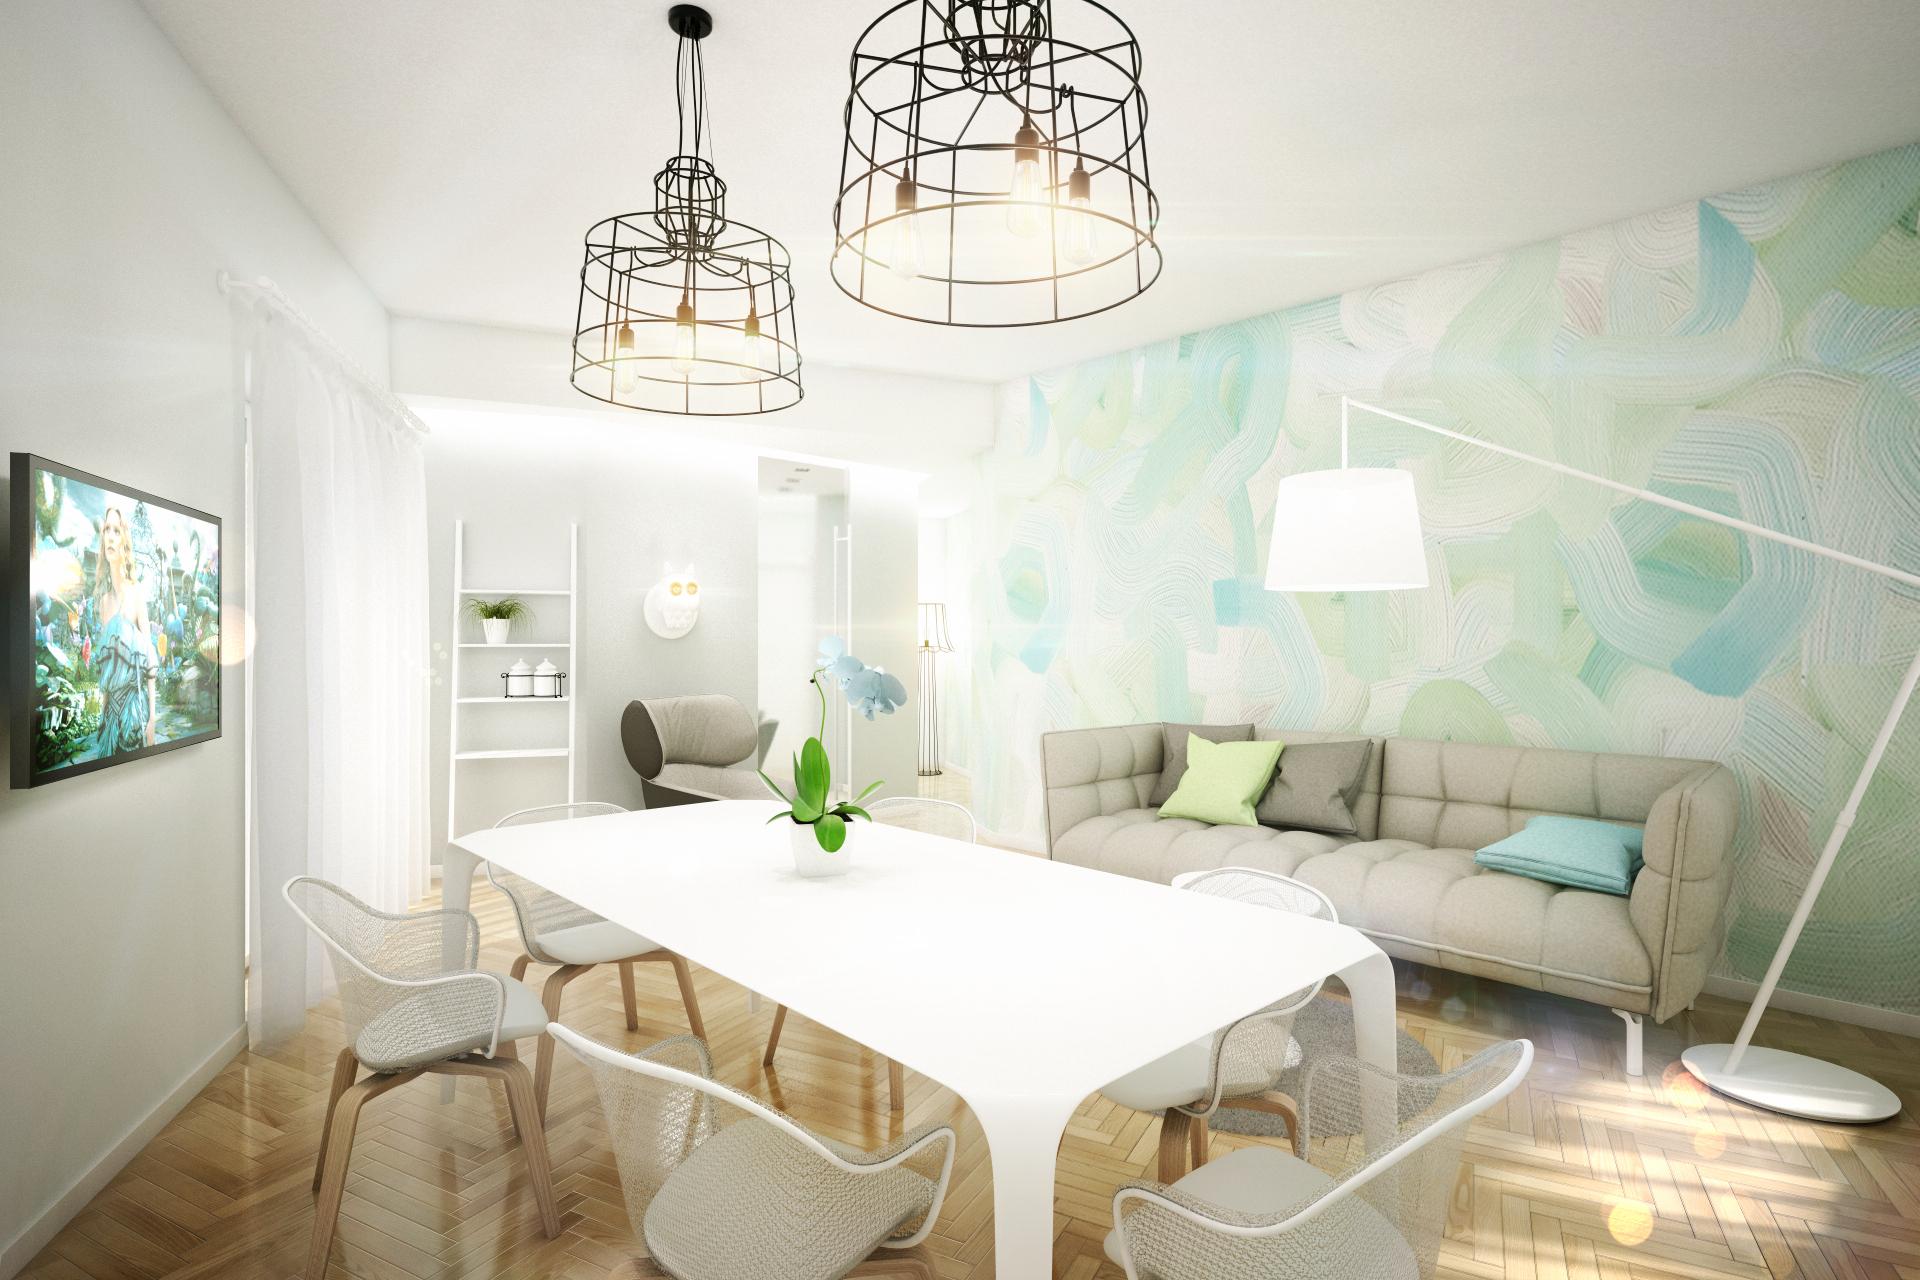 Дизайн квартиры в пастельных тонах: гостиная